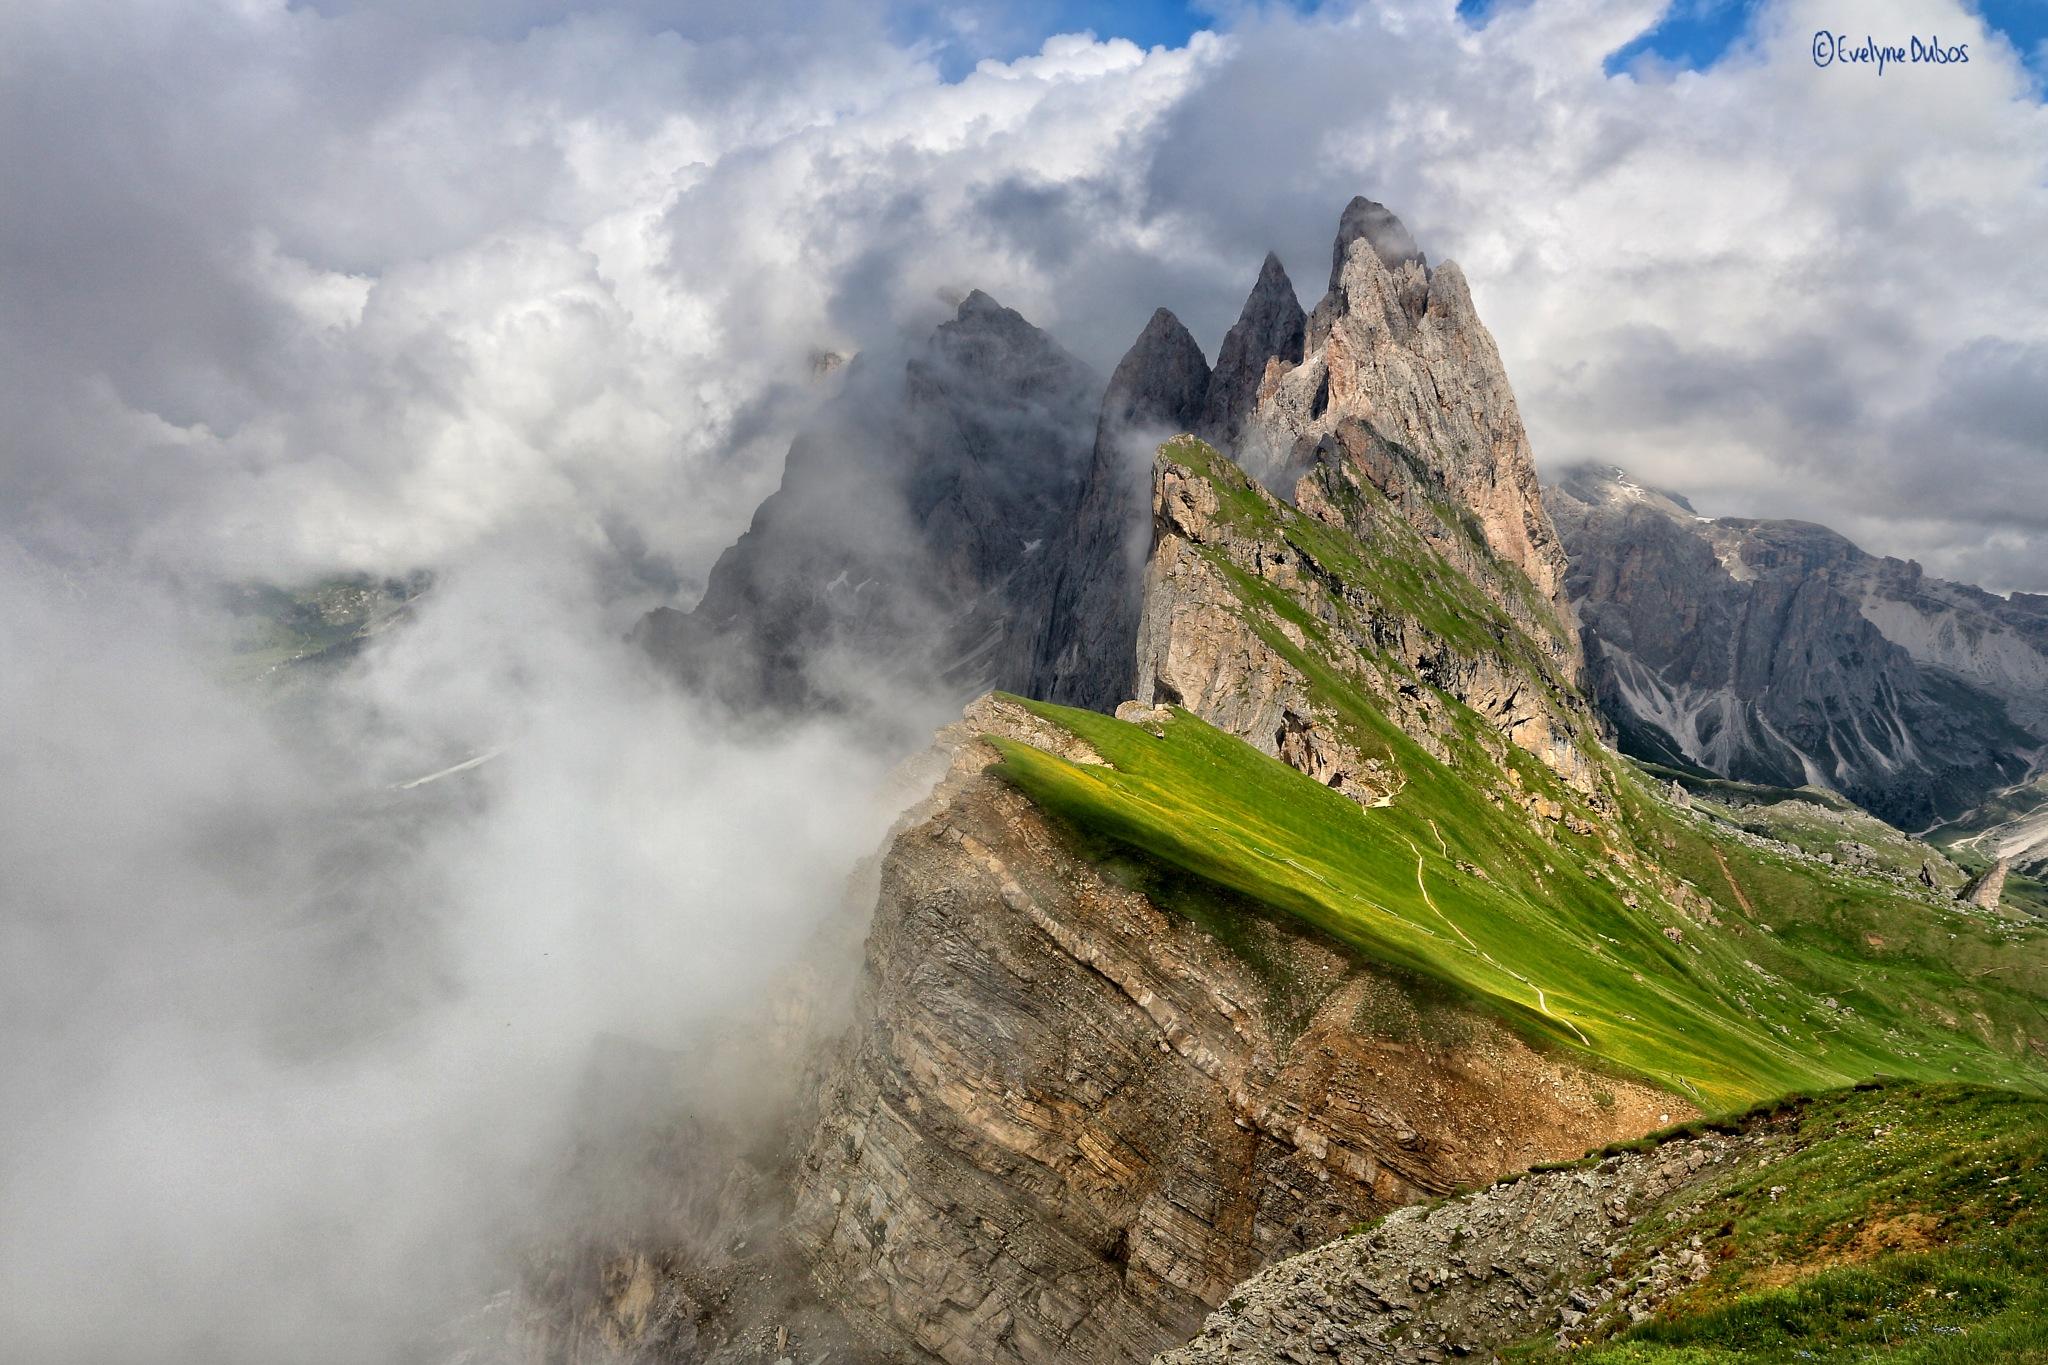 Dolomites. by Evelyne Dubos